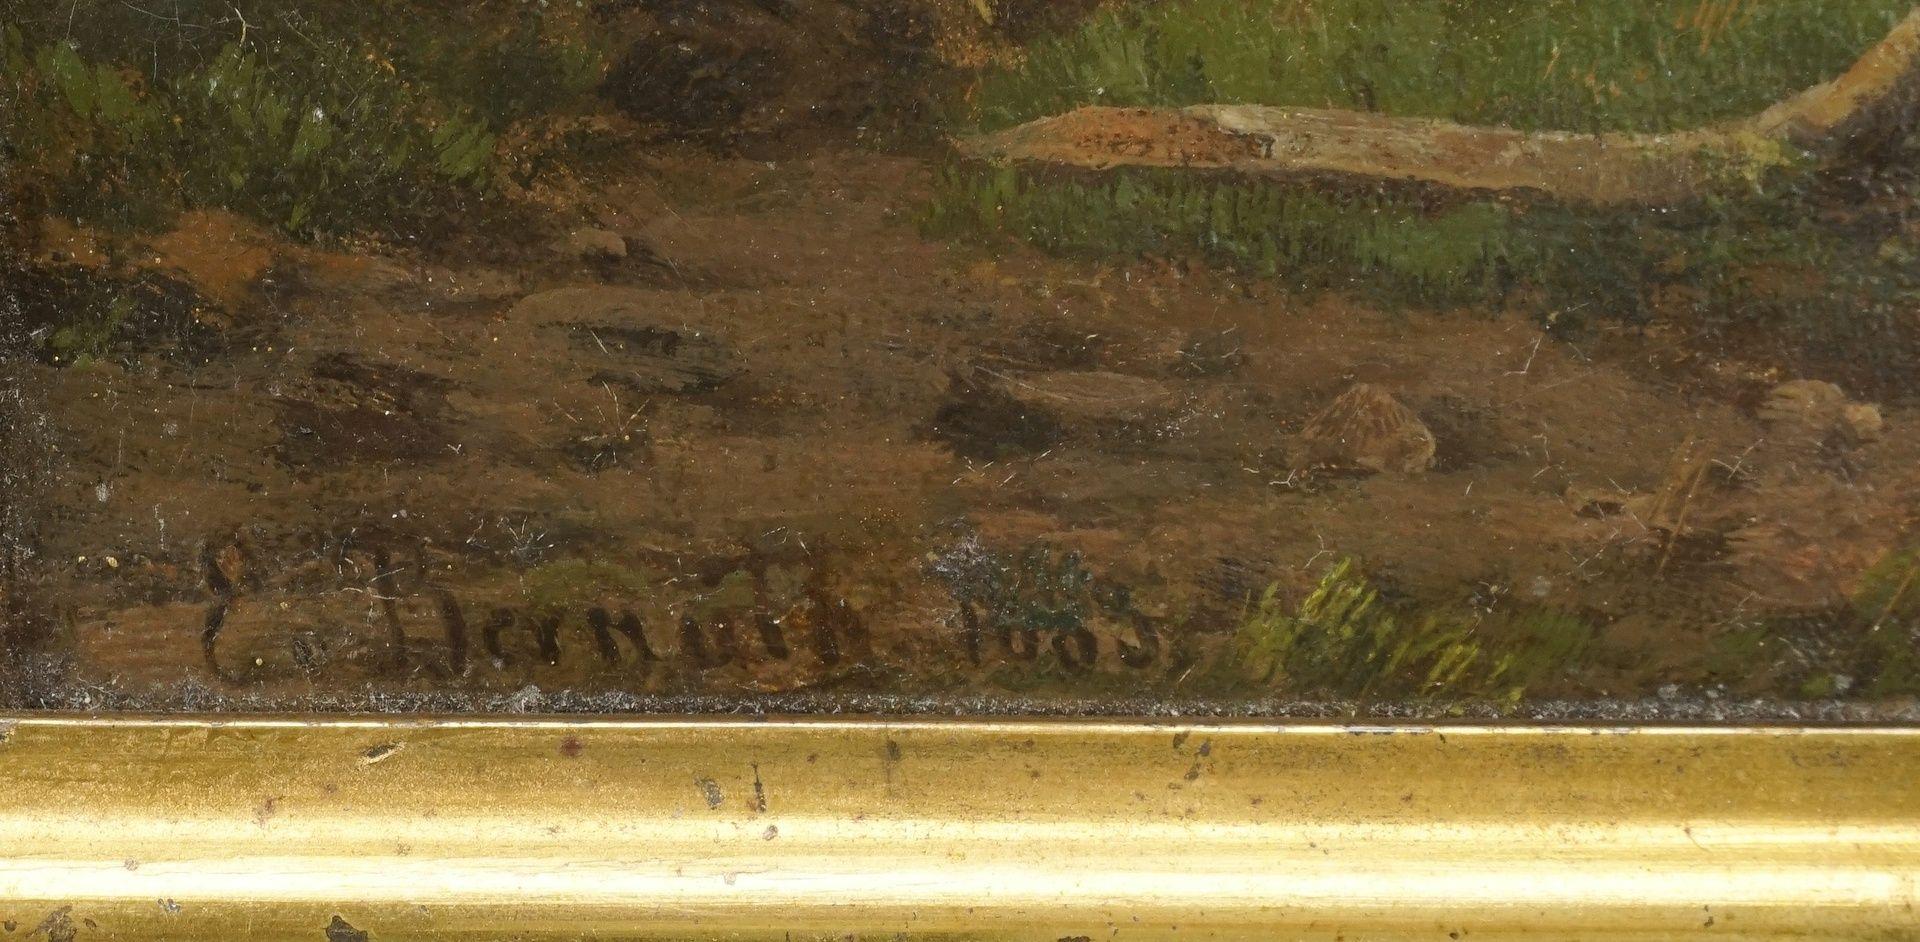 Ernst Philipp von Bernuth, Zwei Jungen beim Angeln - Bild 4 aus 4